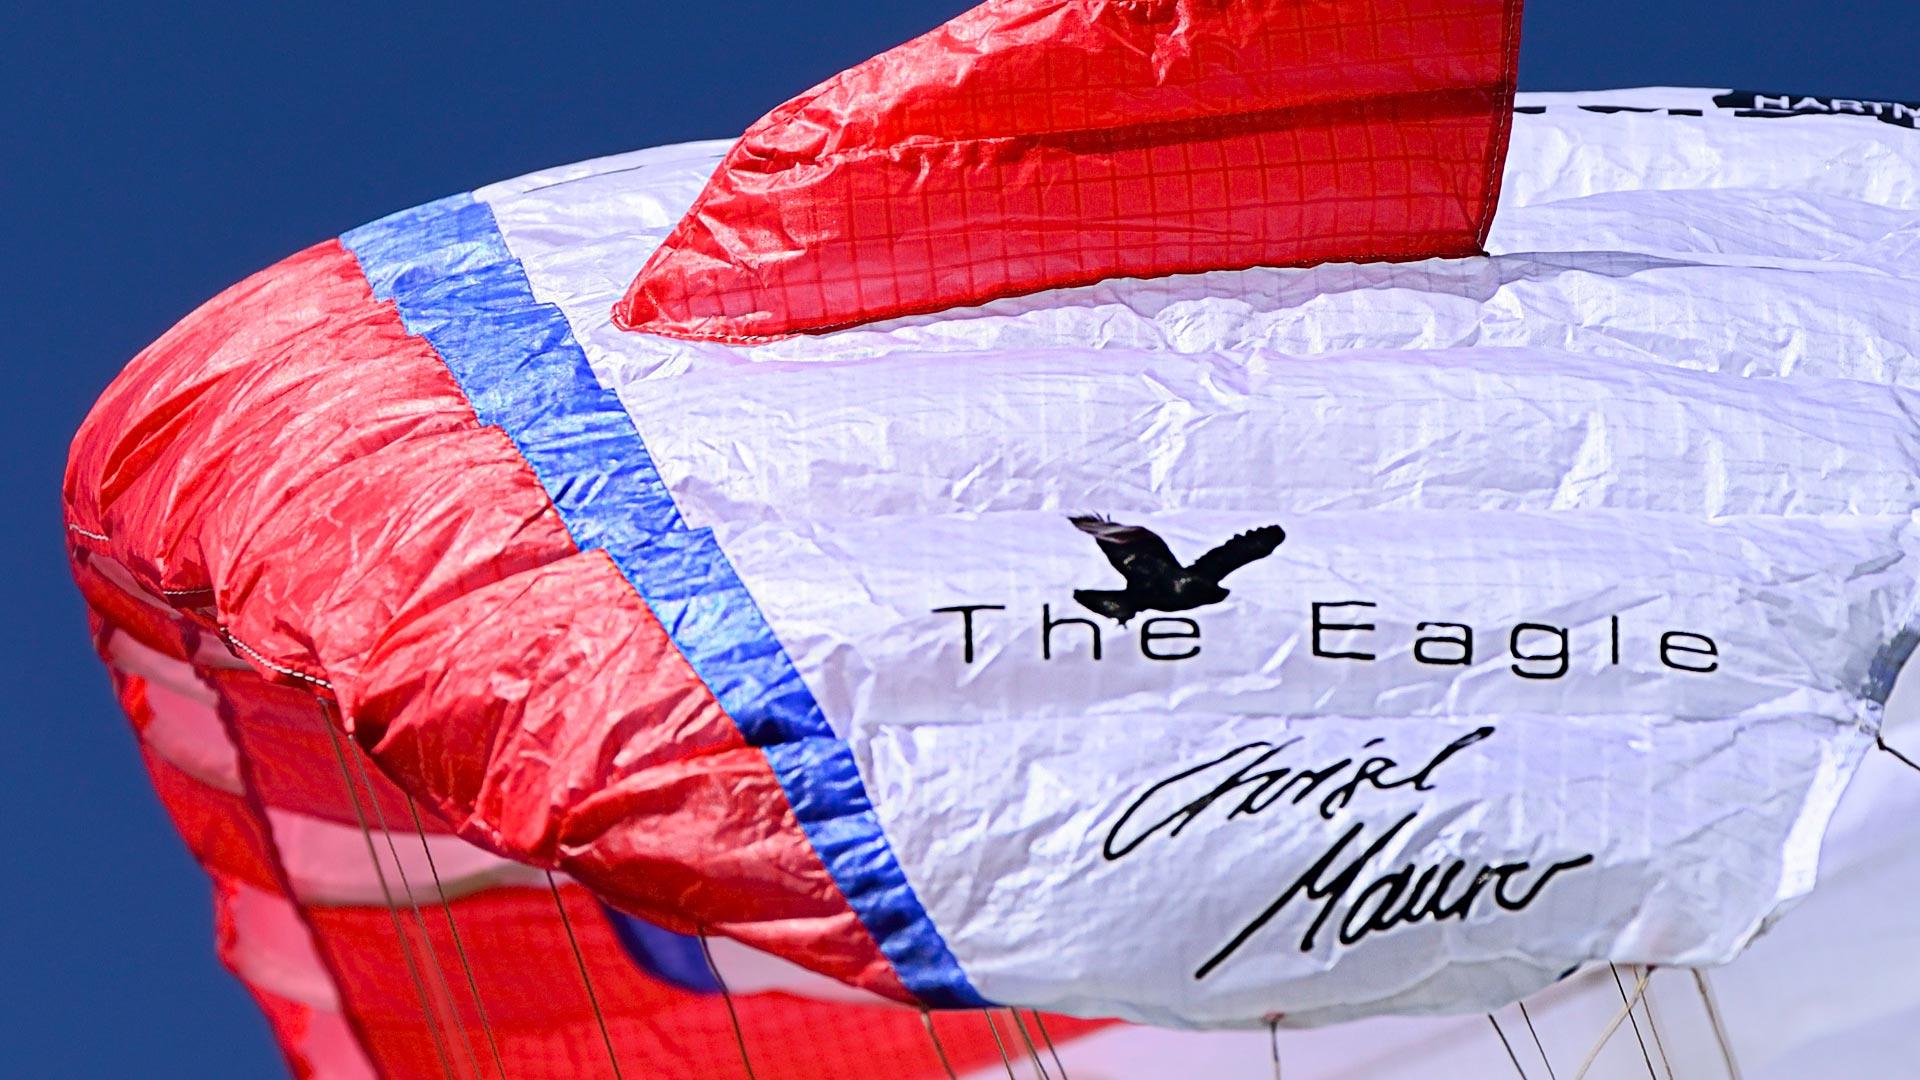 The Eagle Chrigel Maurer Unterschrift Xalps